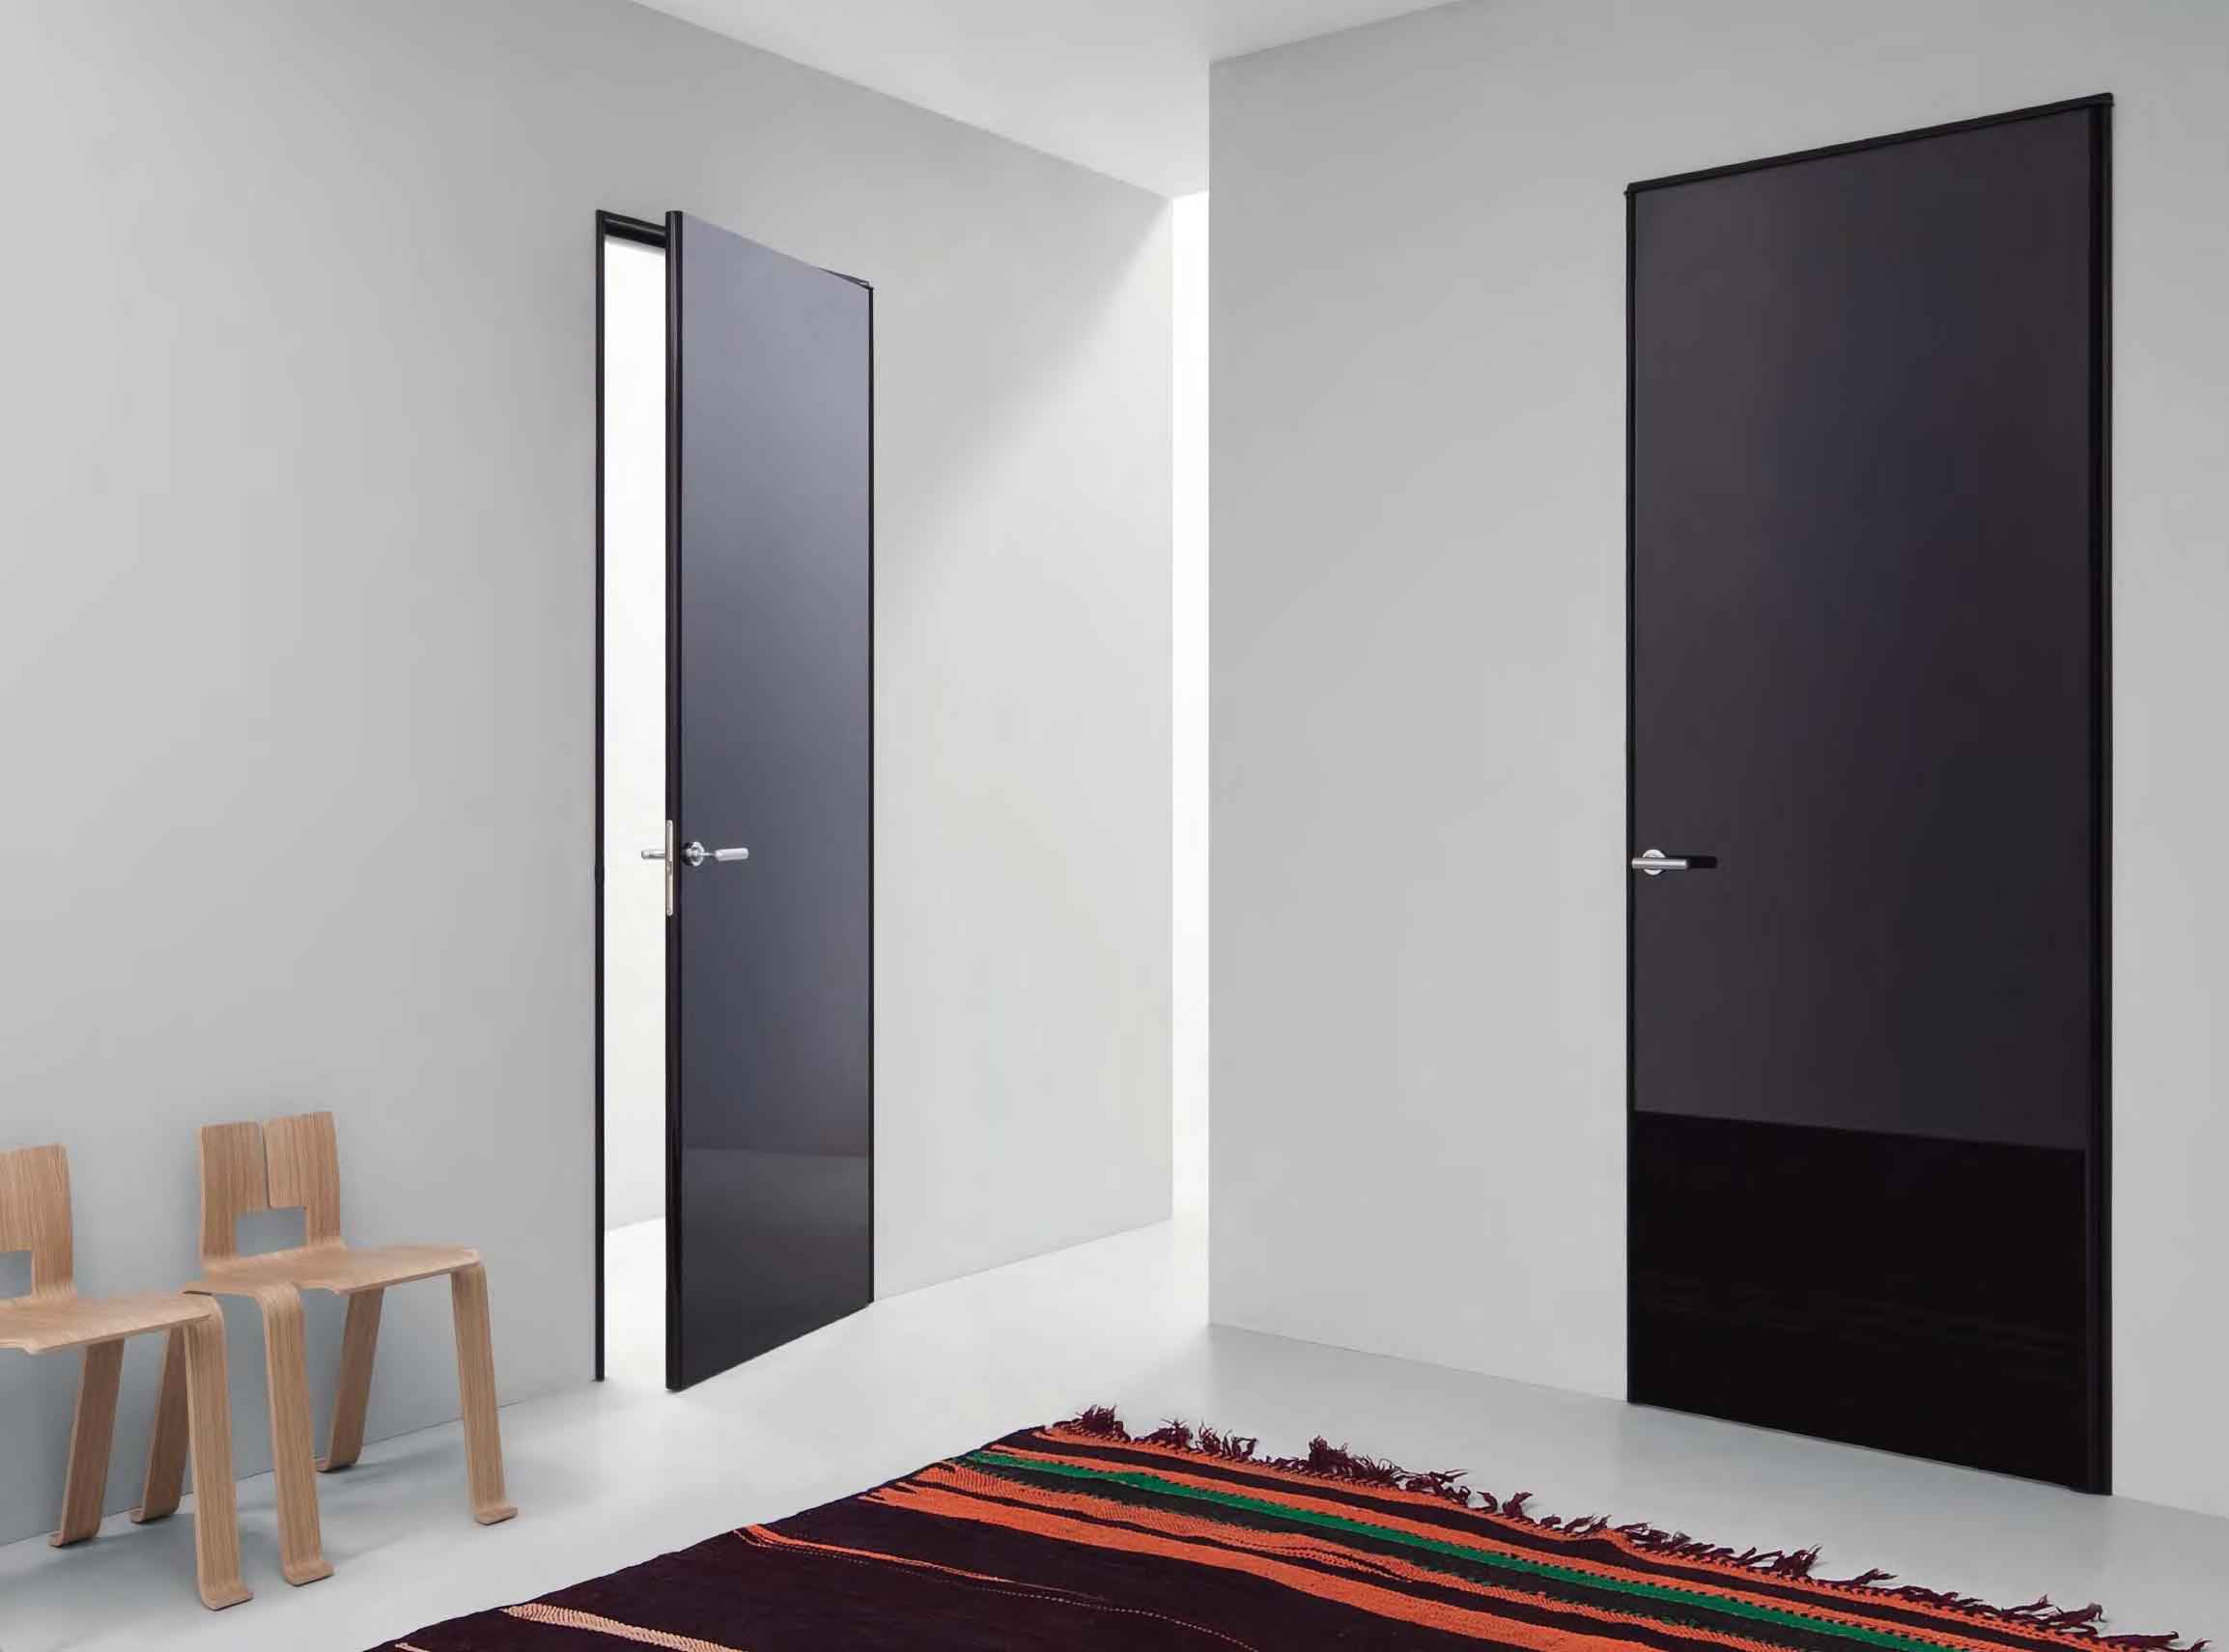 Porte colorate effetti nell 39 abitazione - Porte lualdi rasomuro ...